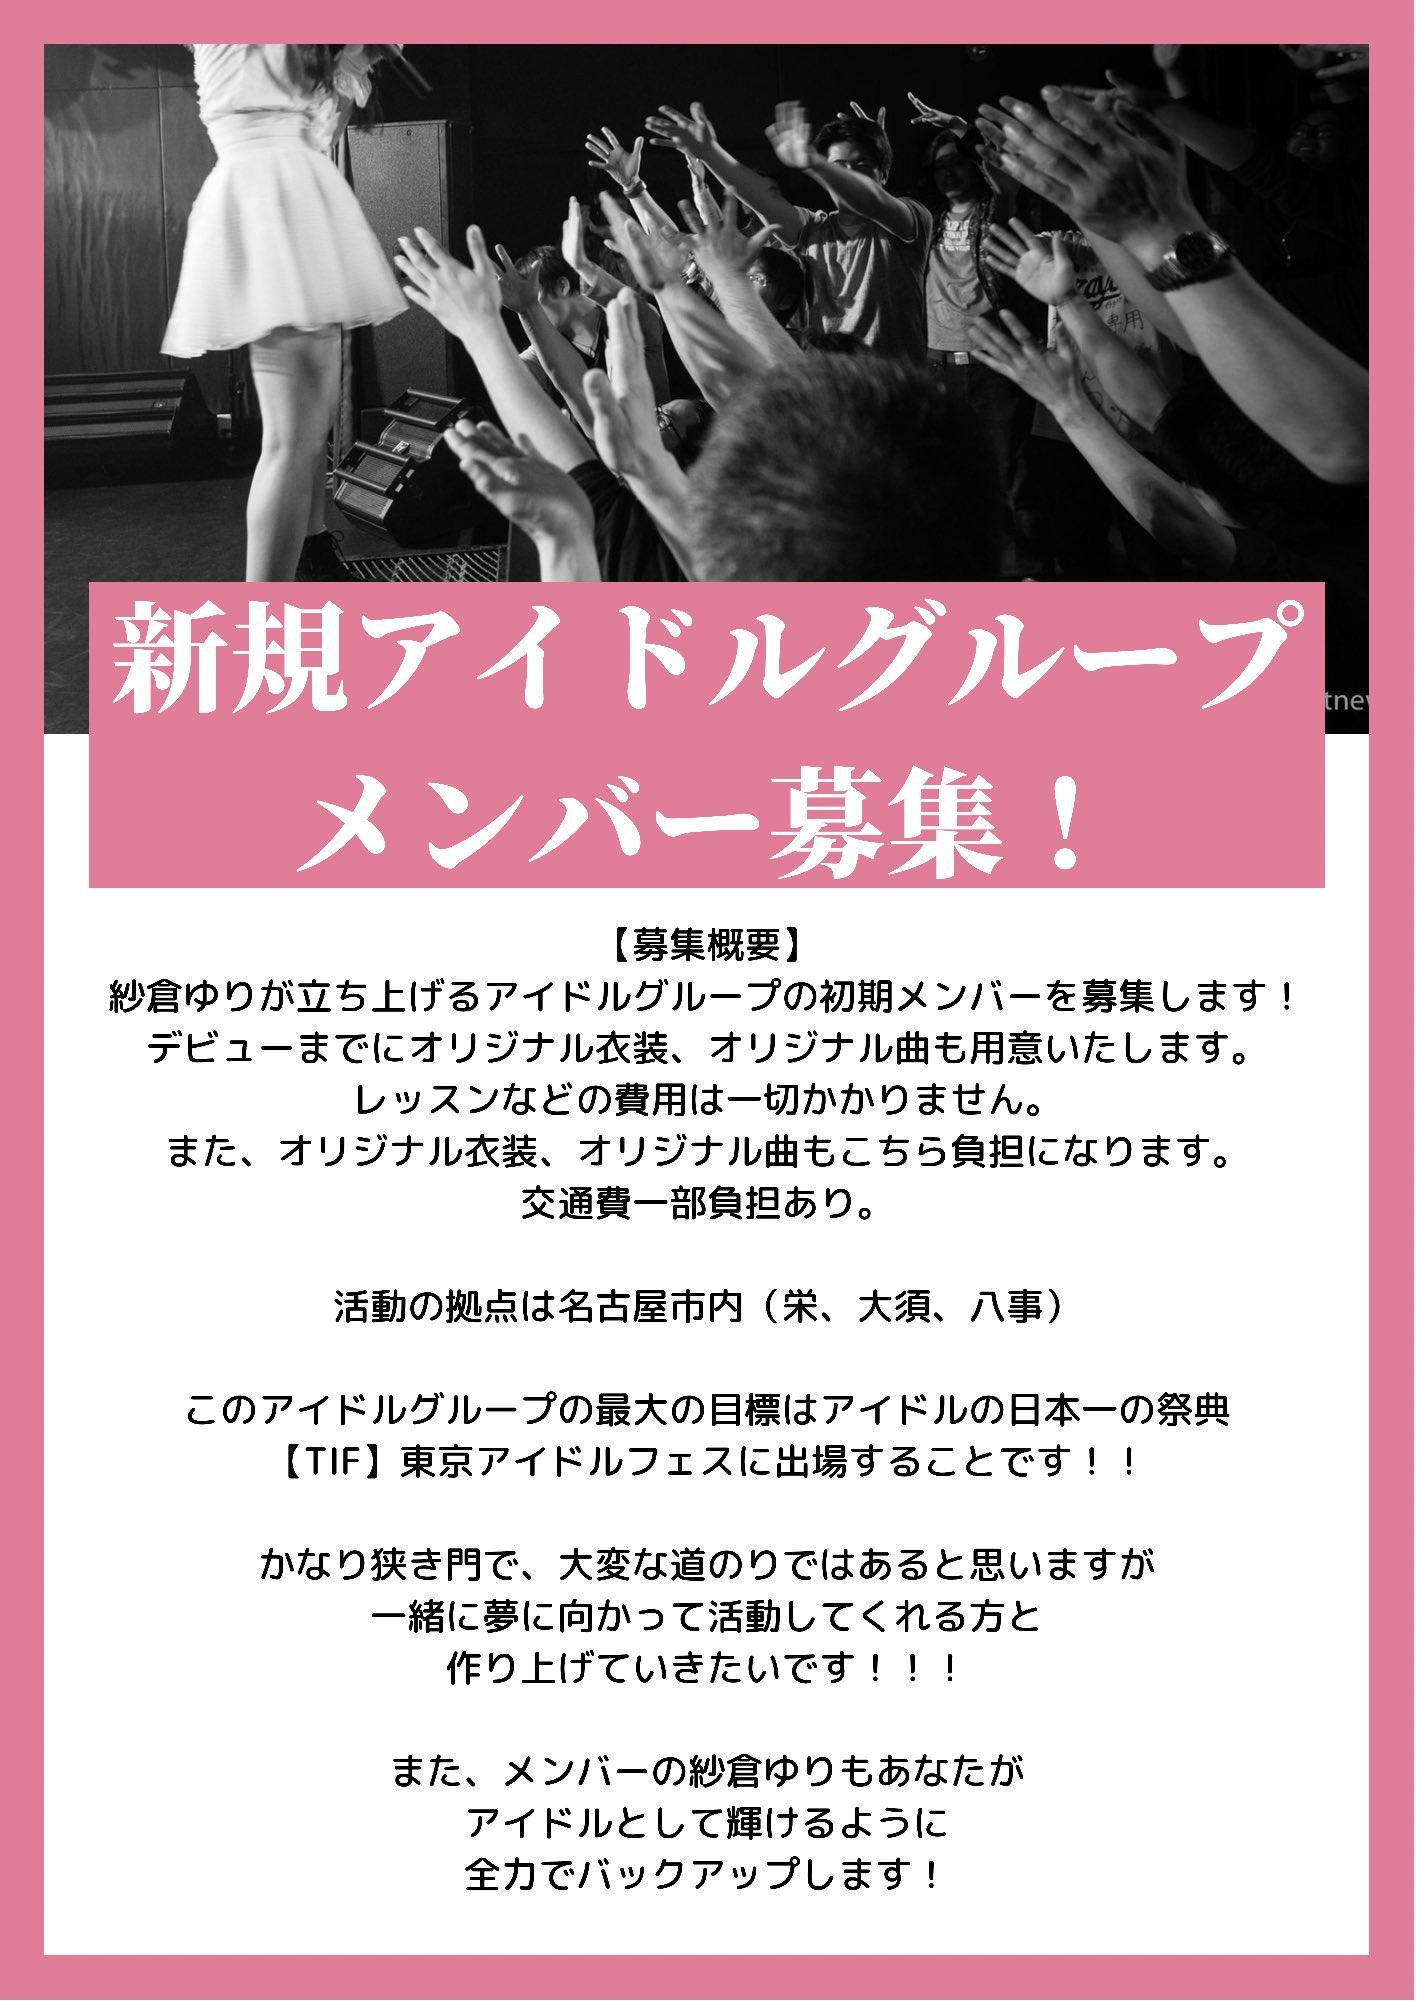 オーディション [名古屋]TIFに出場が目標 アイドルグループメンバー募集 一緒に夢を追いかけ、切磋琢磨できる強くて素敵な女の子を募集します 主催:紗倉ゆり立ち上げ新規アイドルグループ 、カテゴリ:アイドル(東京以外)